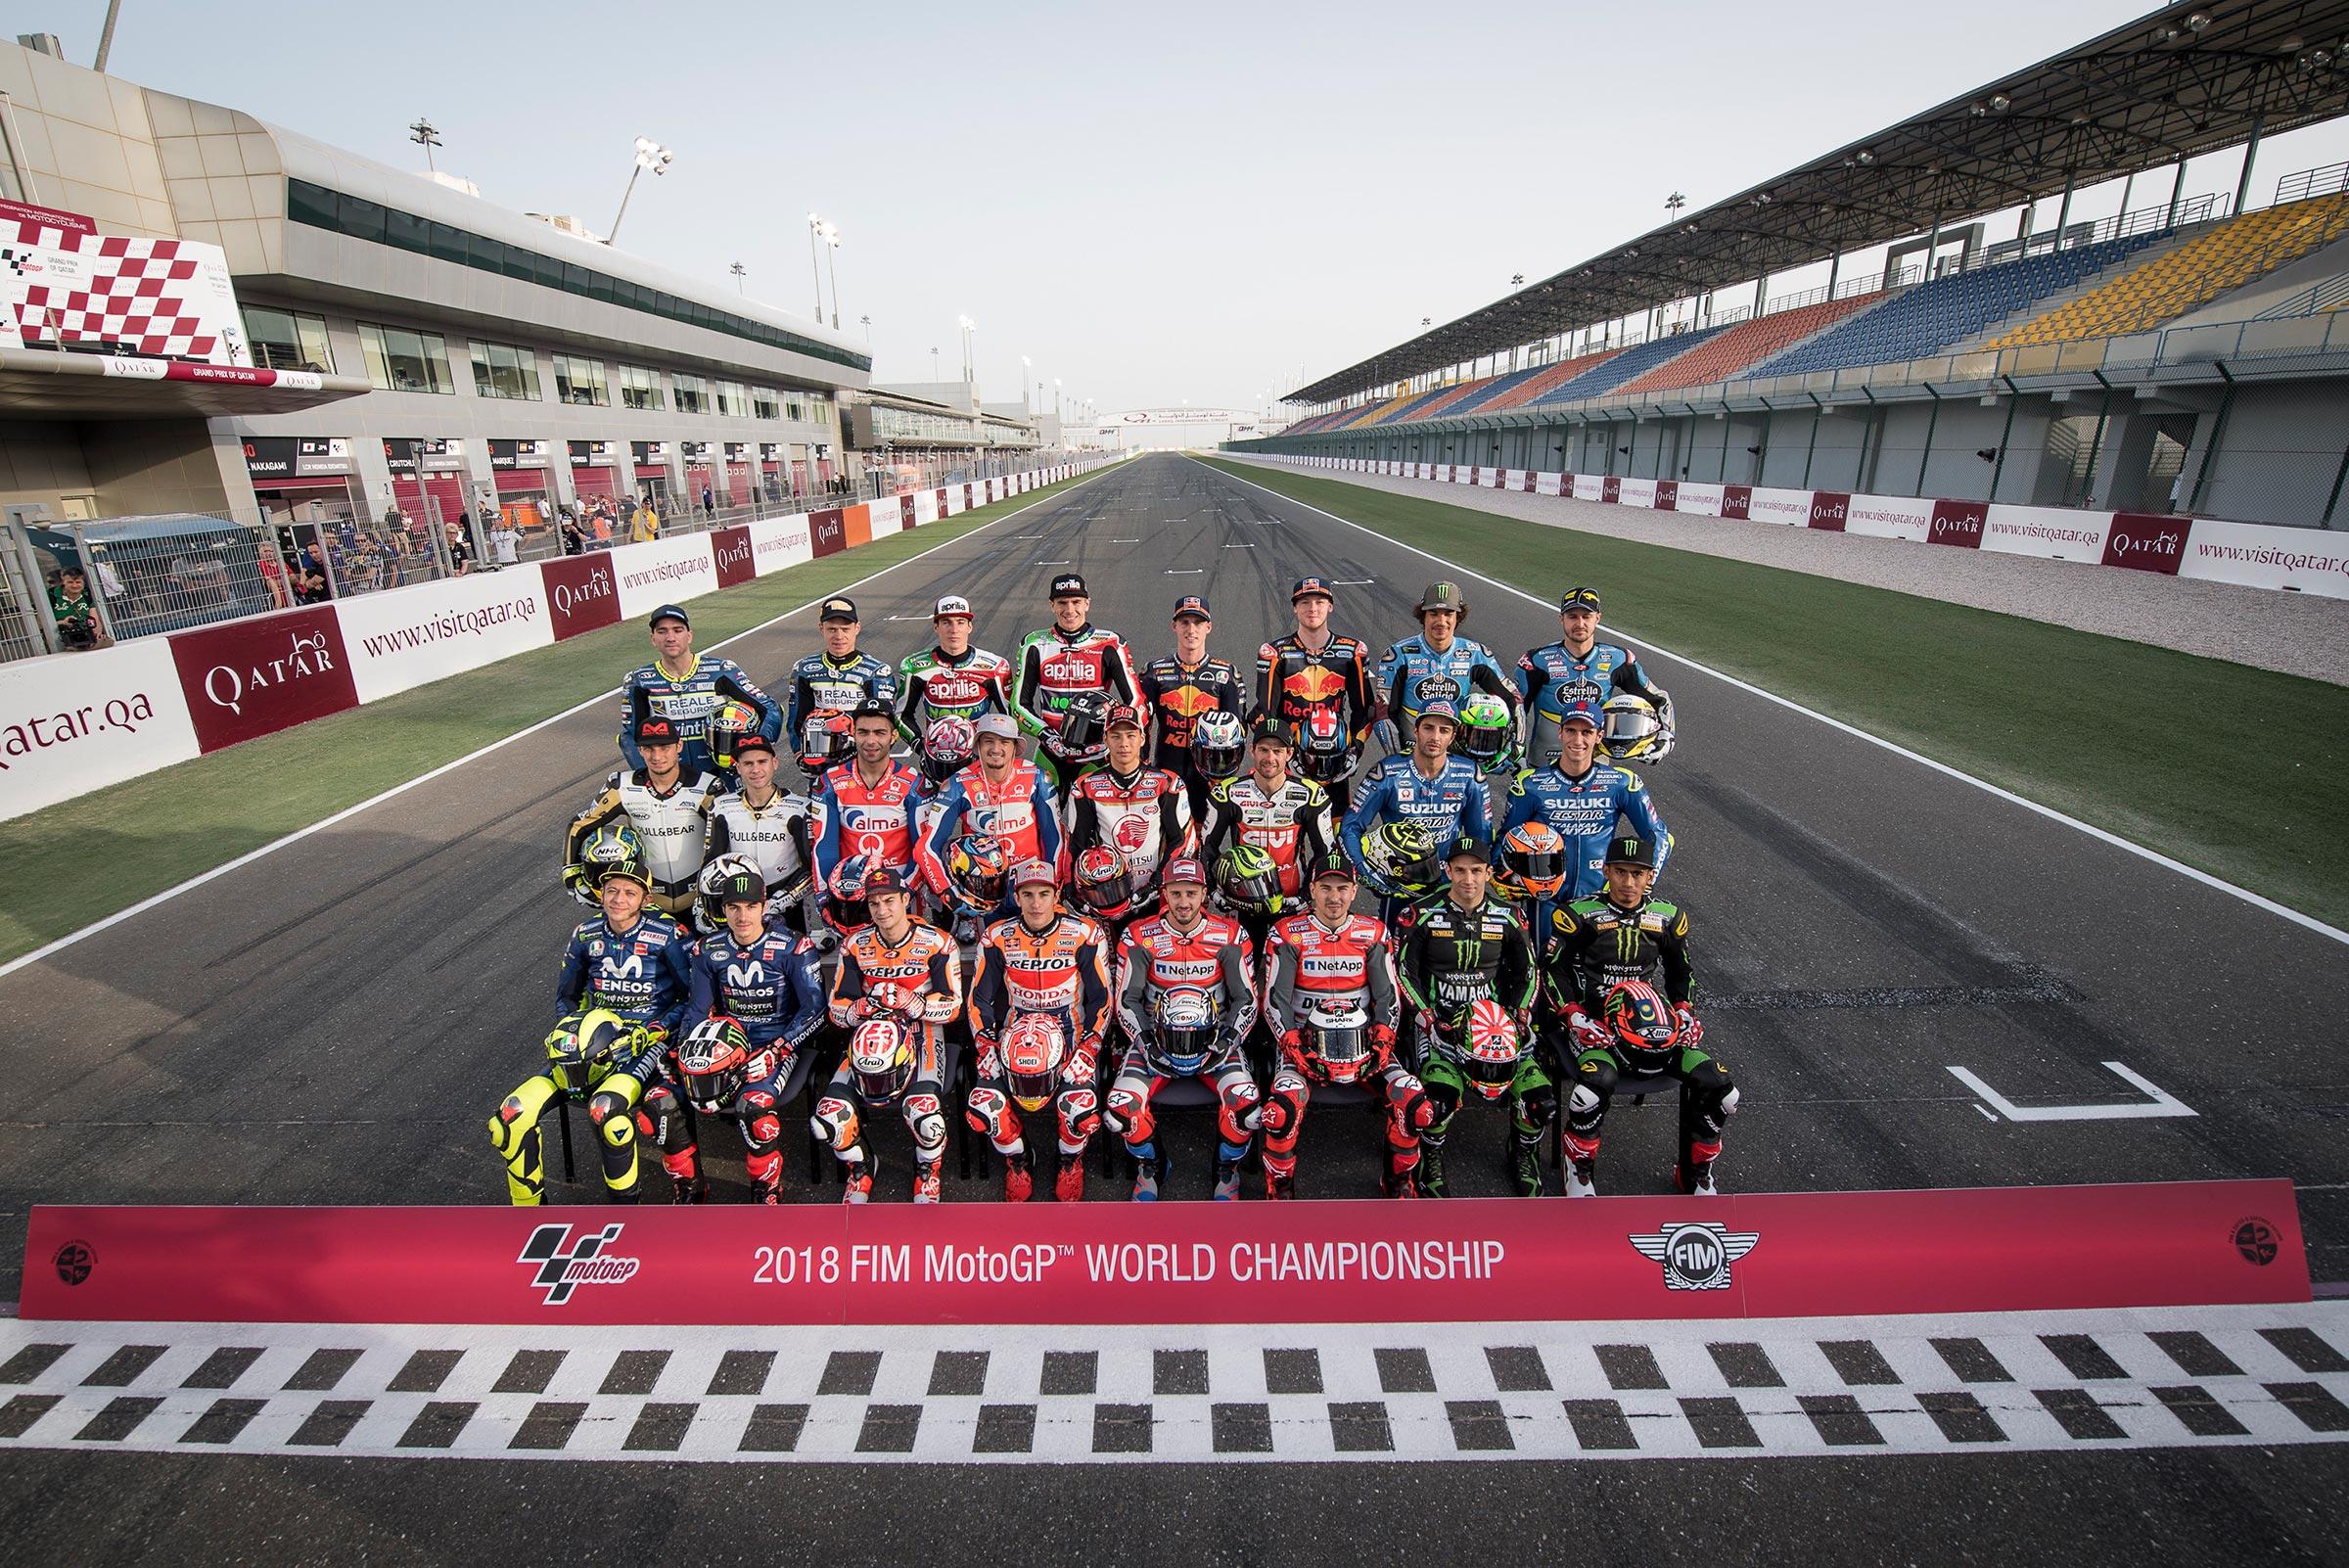 Thursday MotoGP Summary at Qatar: Making a Weird Weekend Even Weirder - Asphalt & Rubber